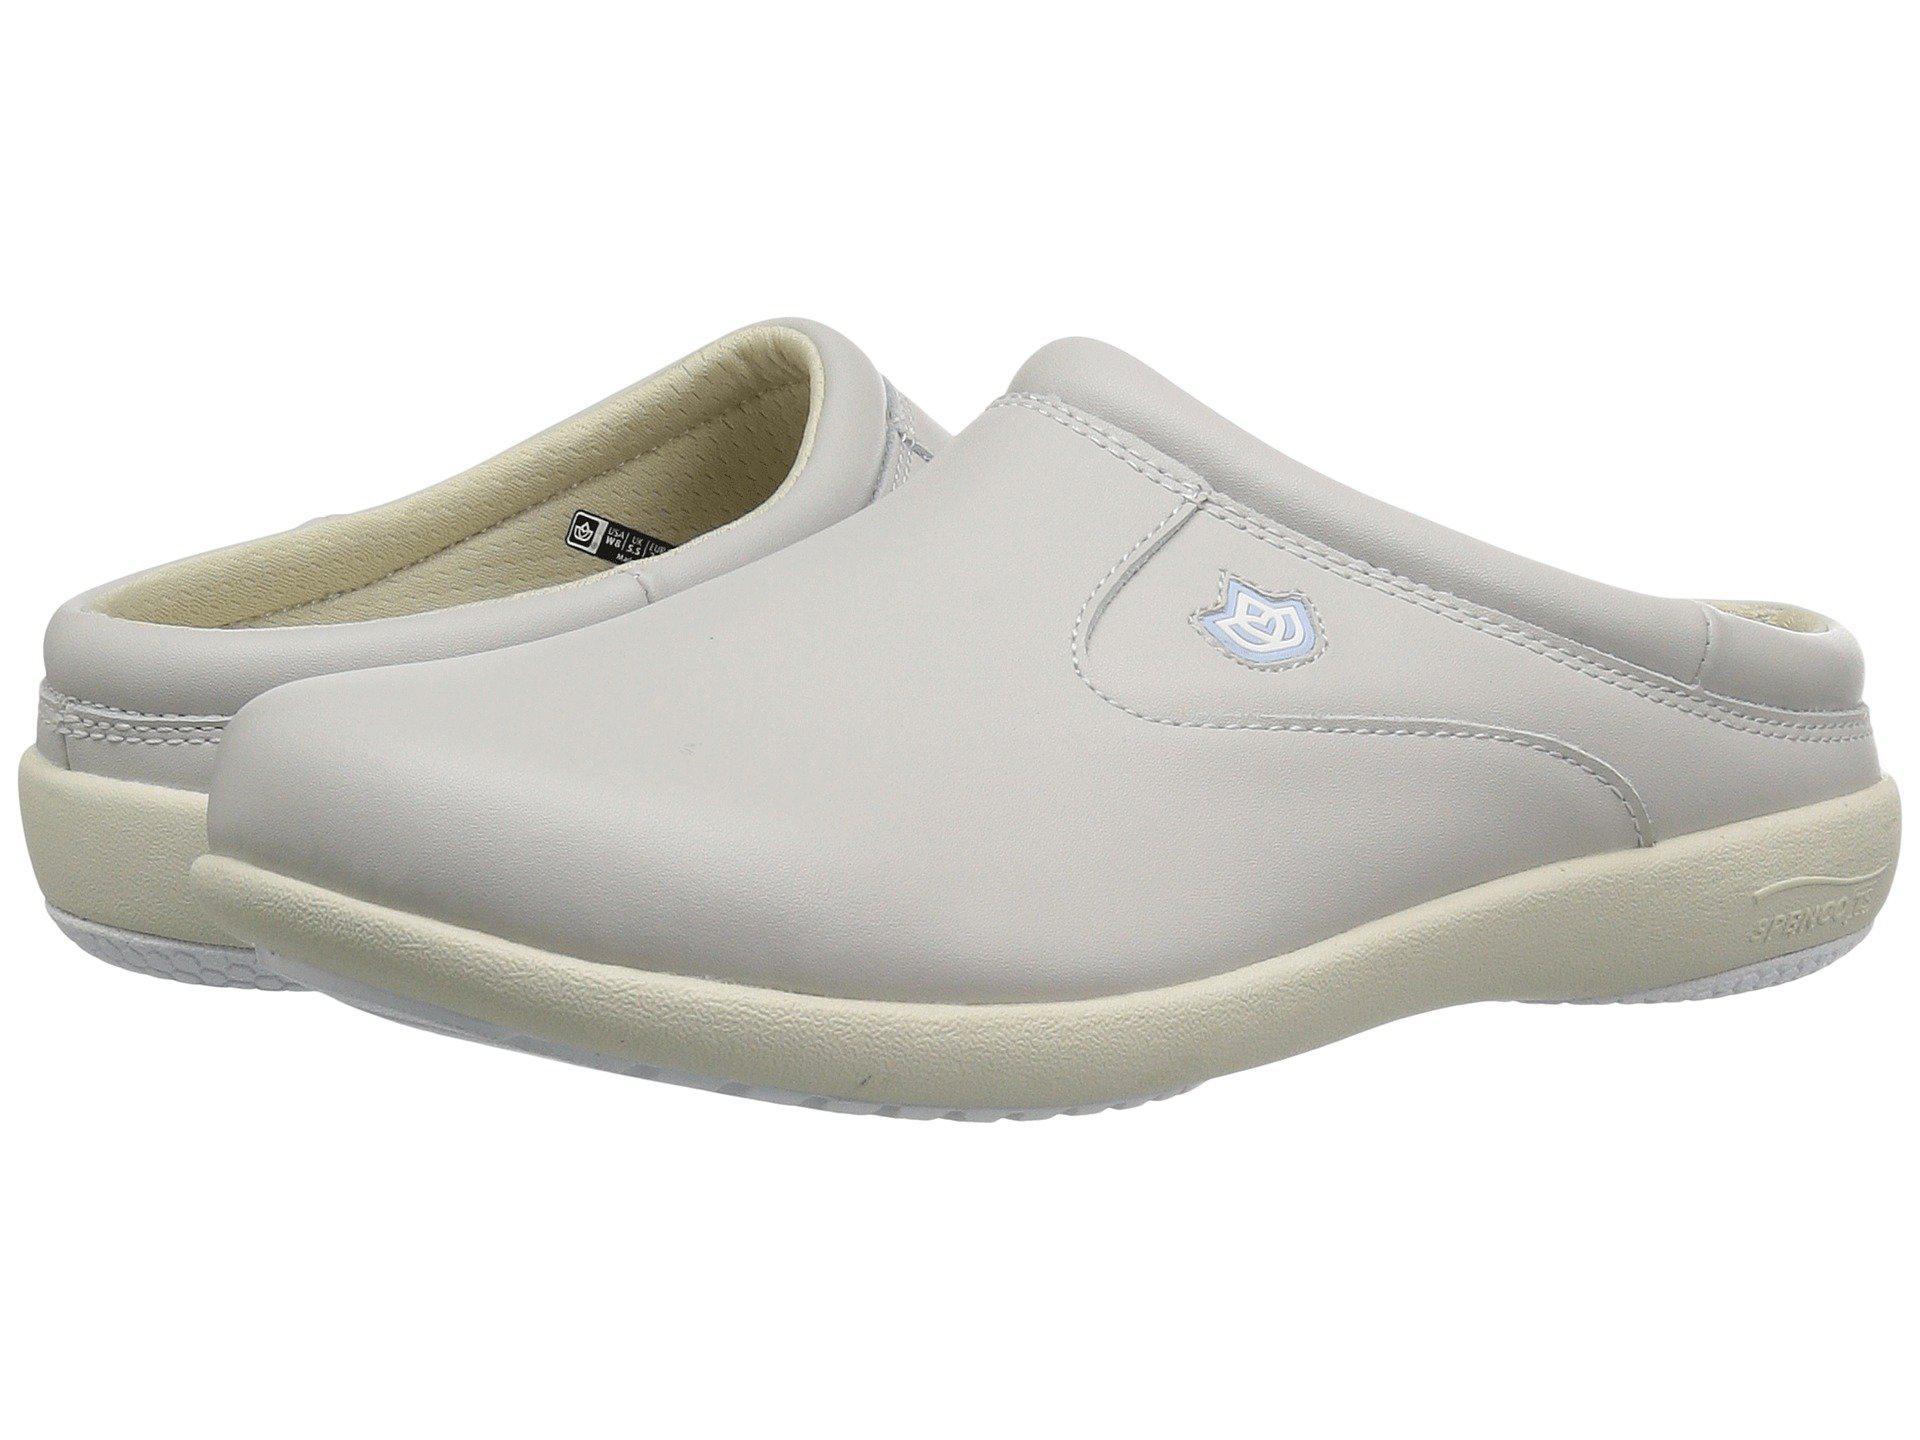 1f8e21e7688 Spenco Womens Florence Medium Closed Toe Casual Slide Sandals